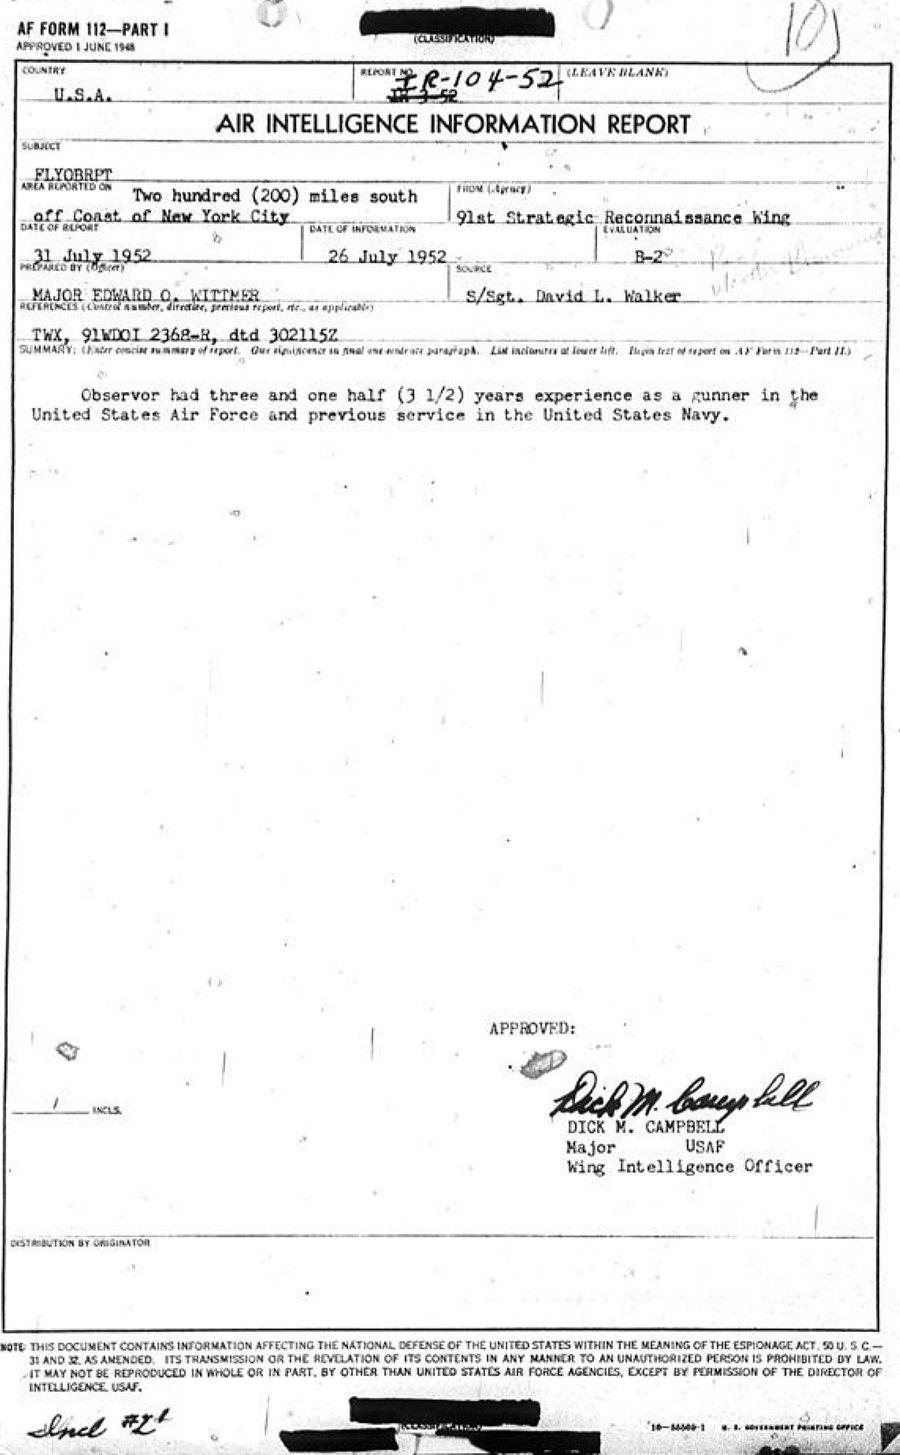 July 26, 1952